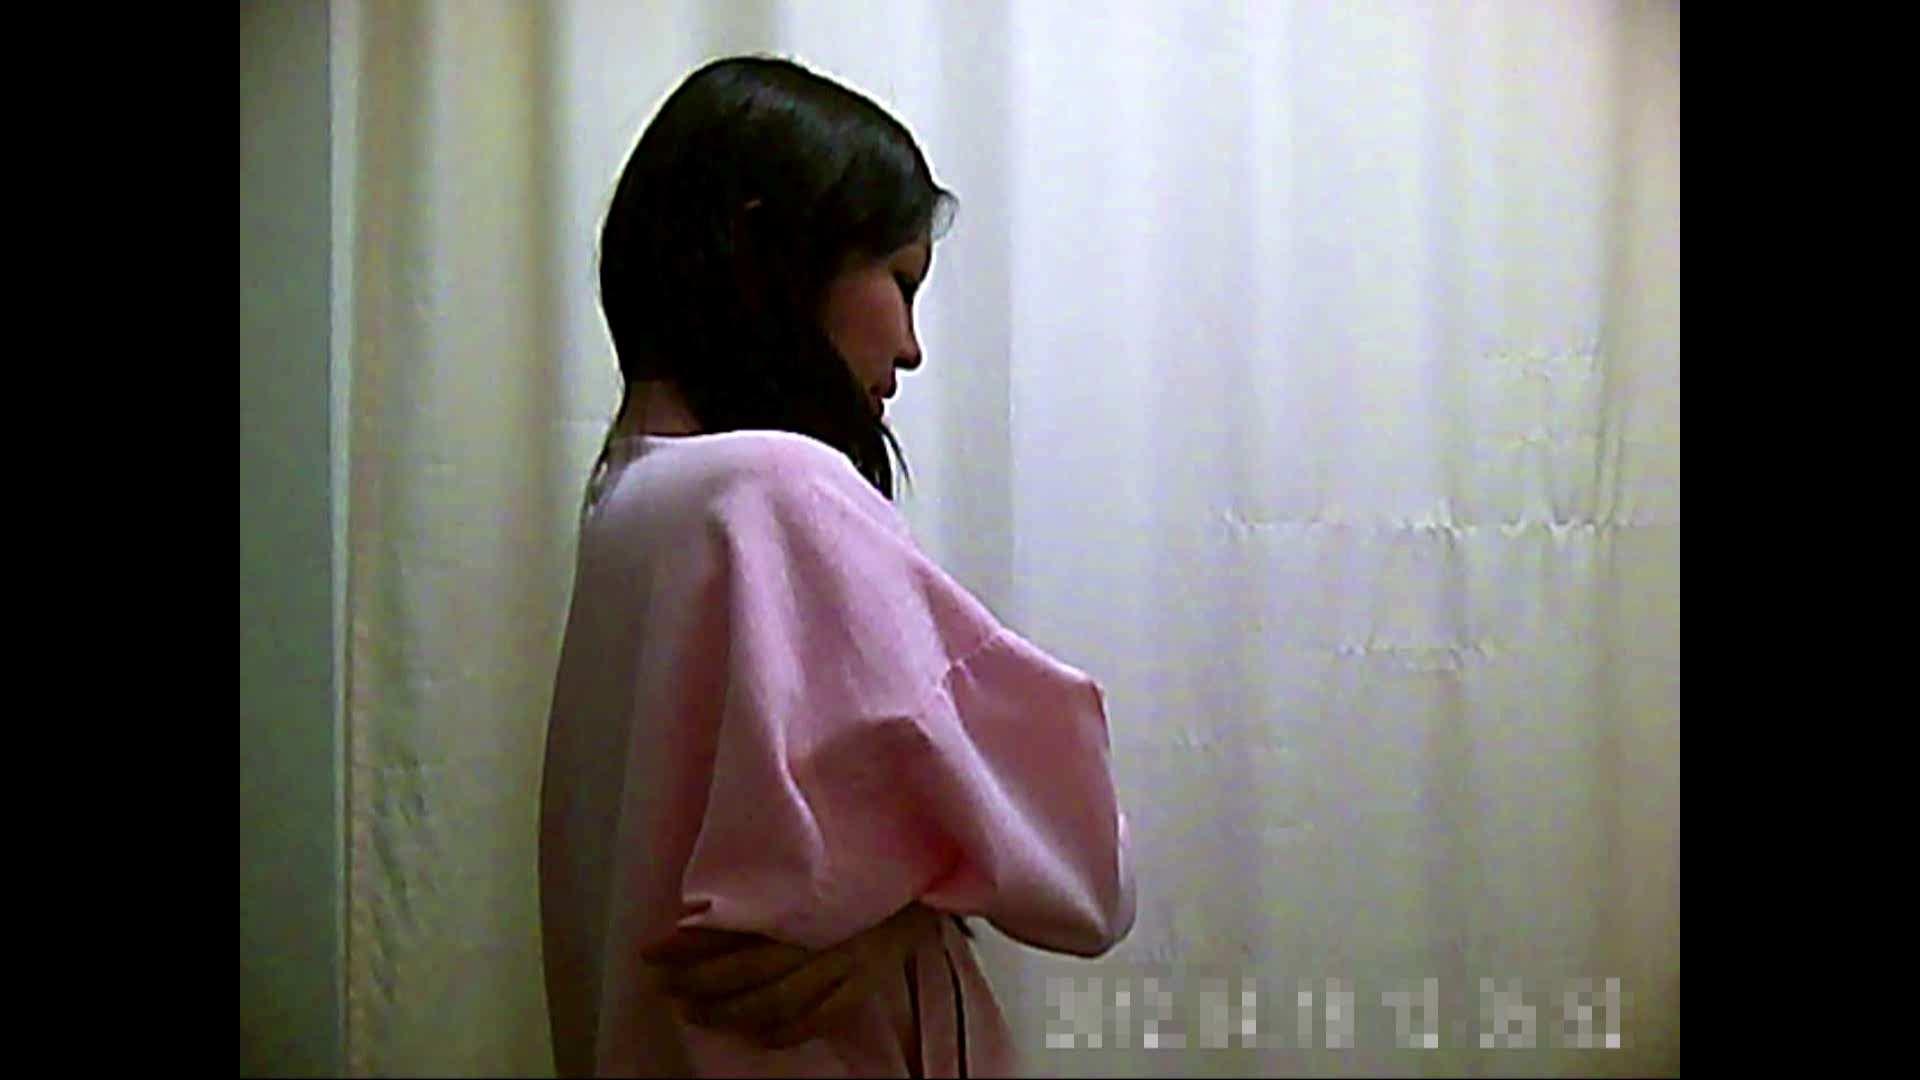 病院おもいっきり着替え! vol.281 美しいOLの裸体 AV動画キャプチャ 102pic 16